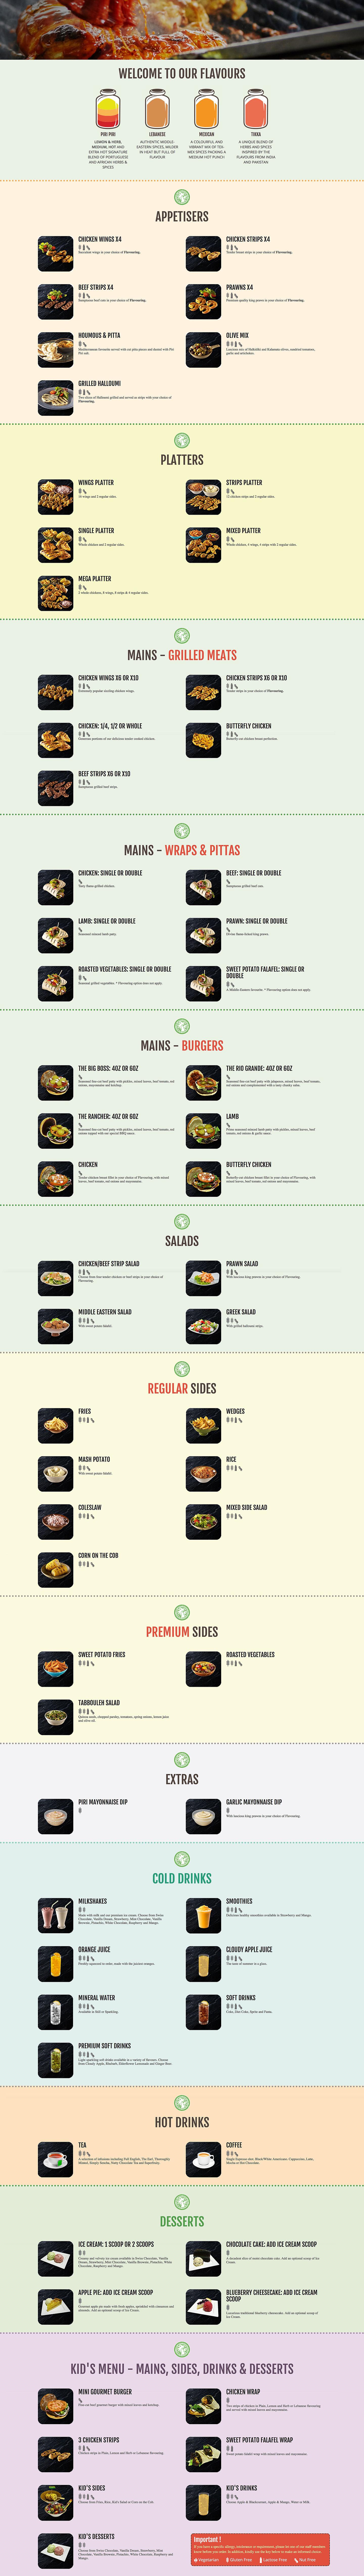 food_page_2.jpg